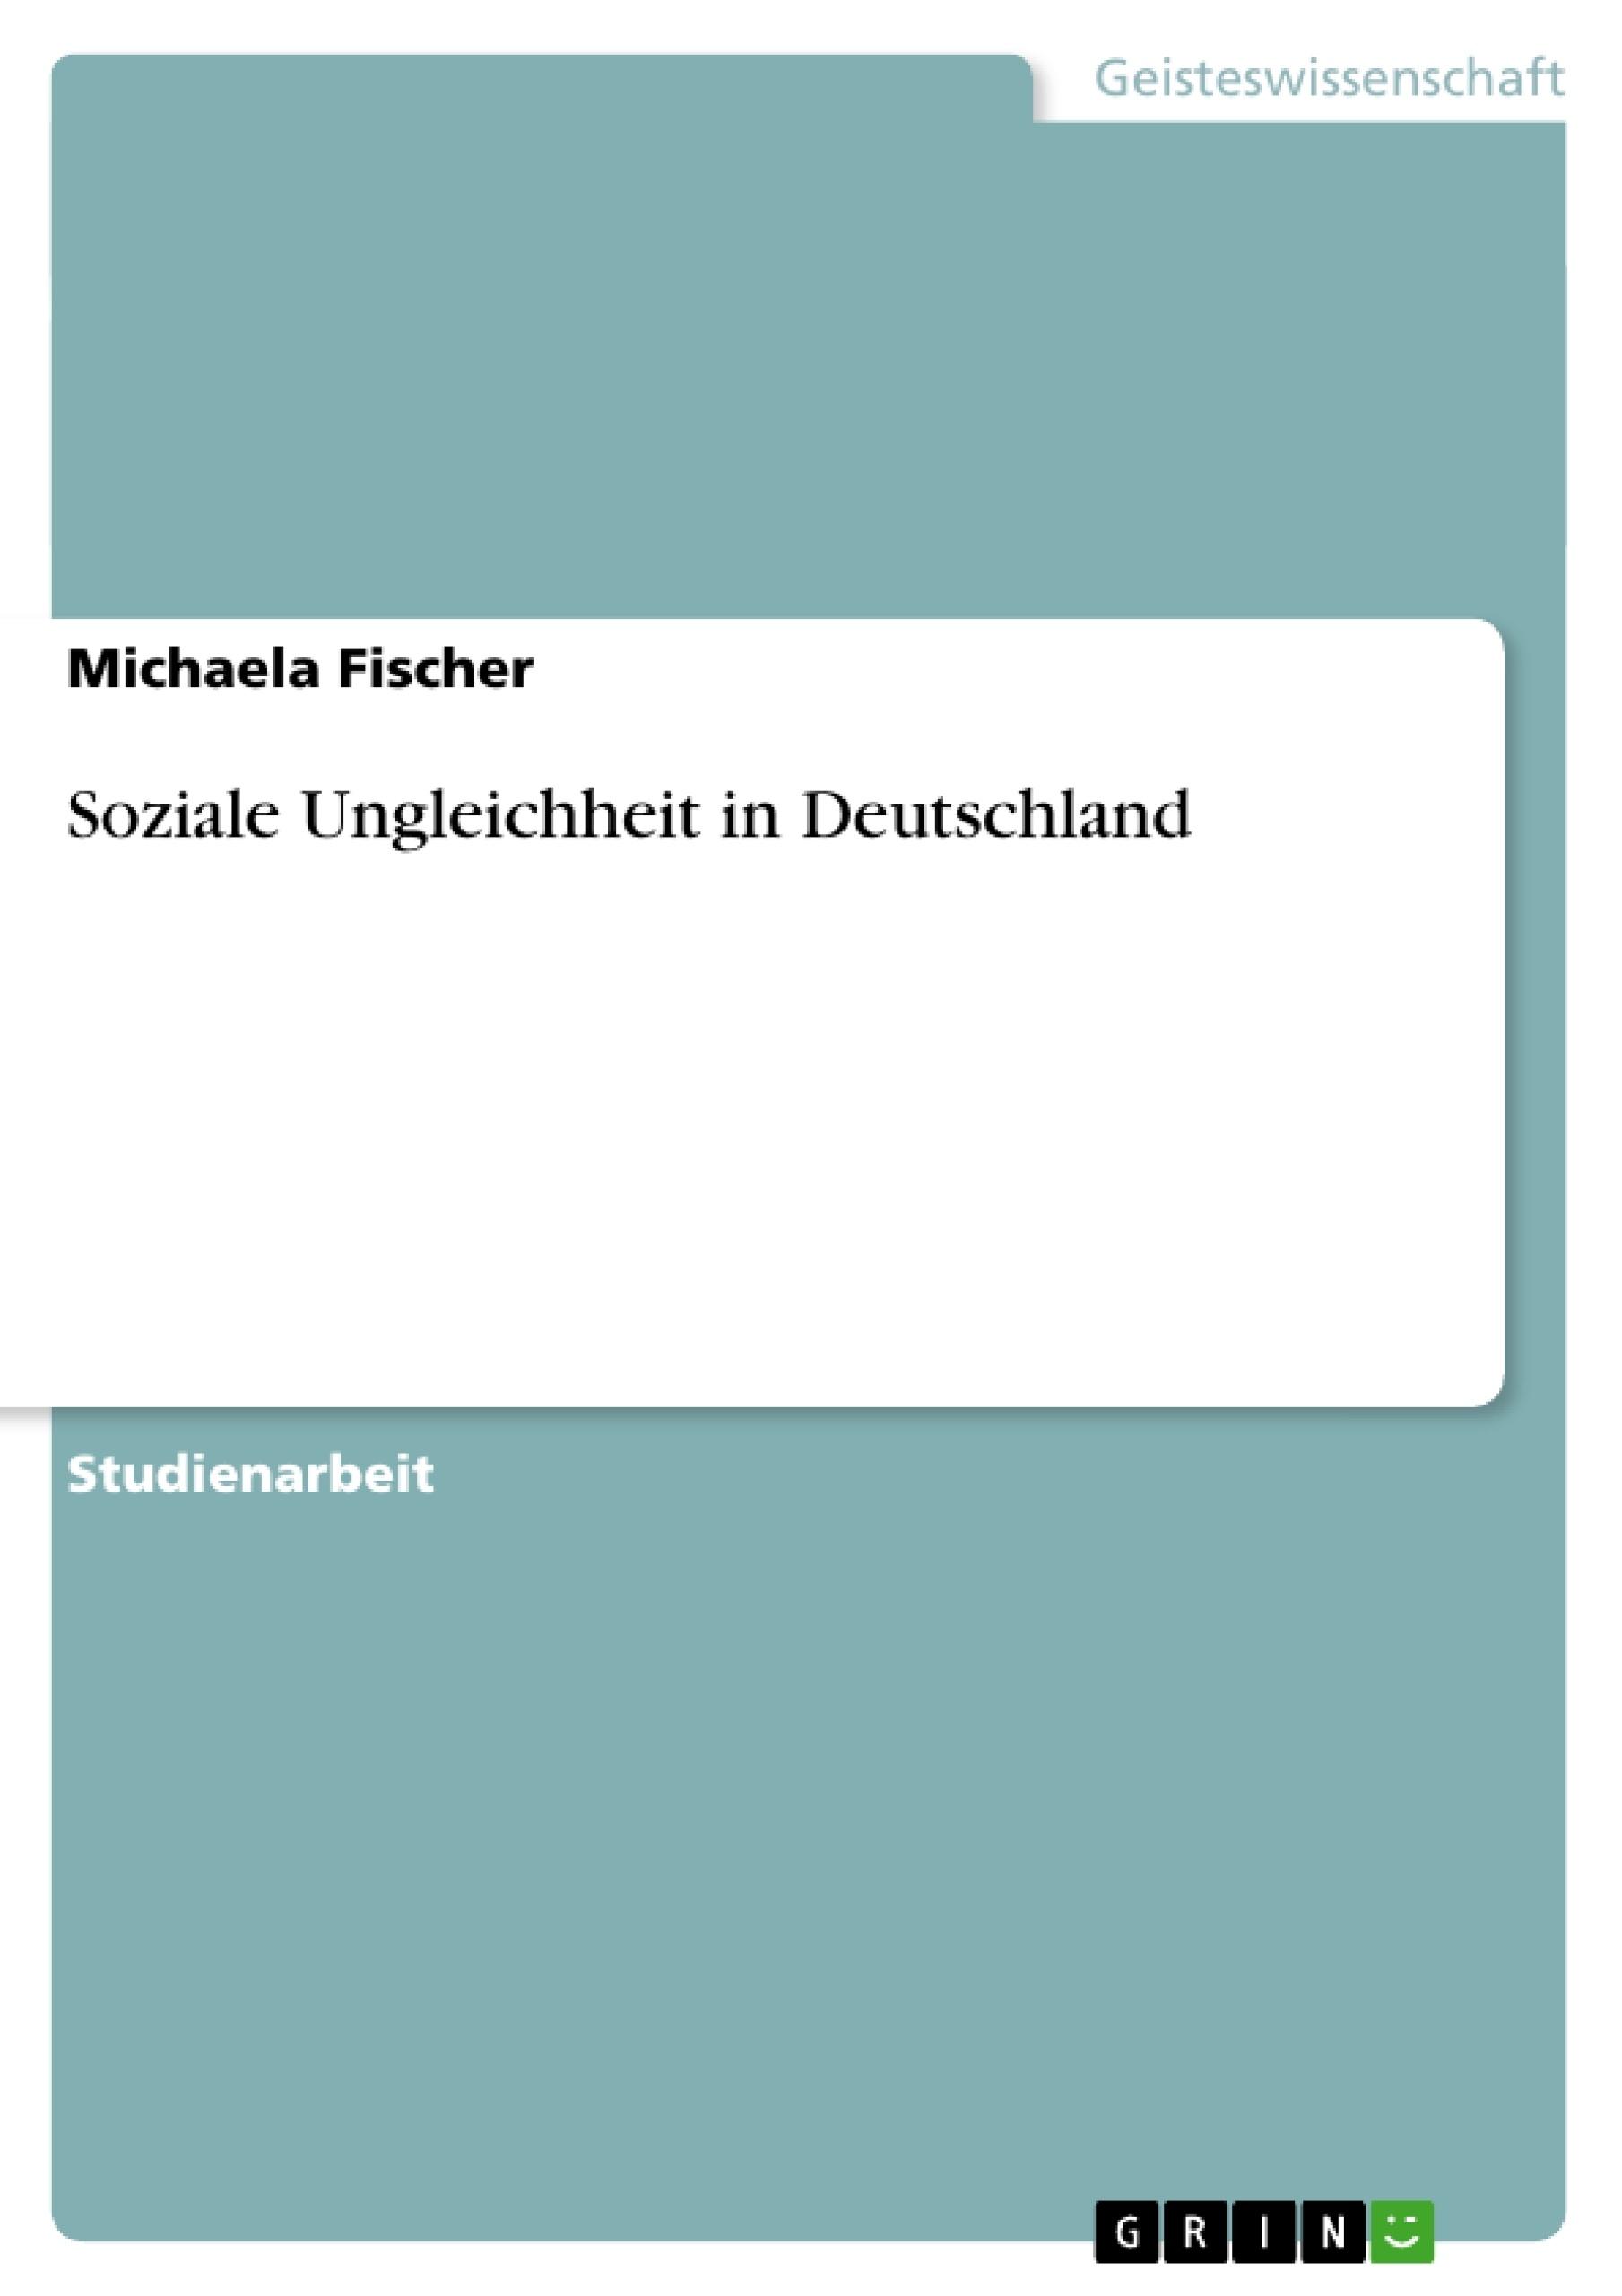 Titel: Soziale Ungleichheit in Deutschland